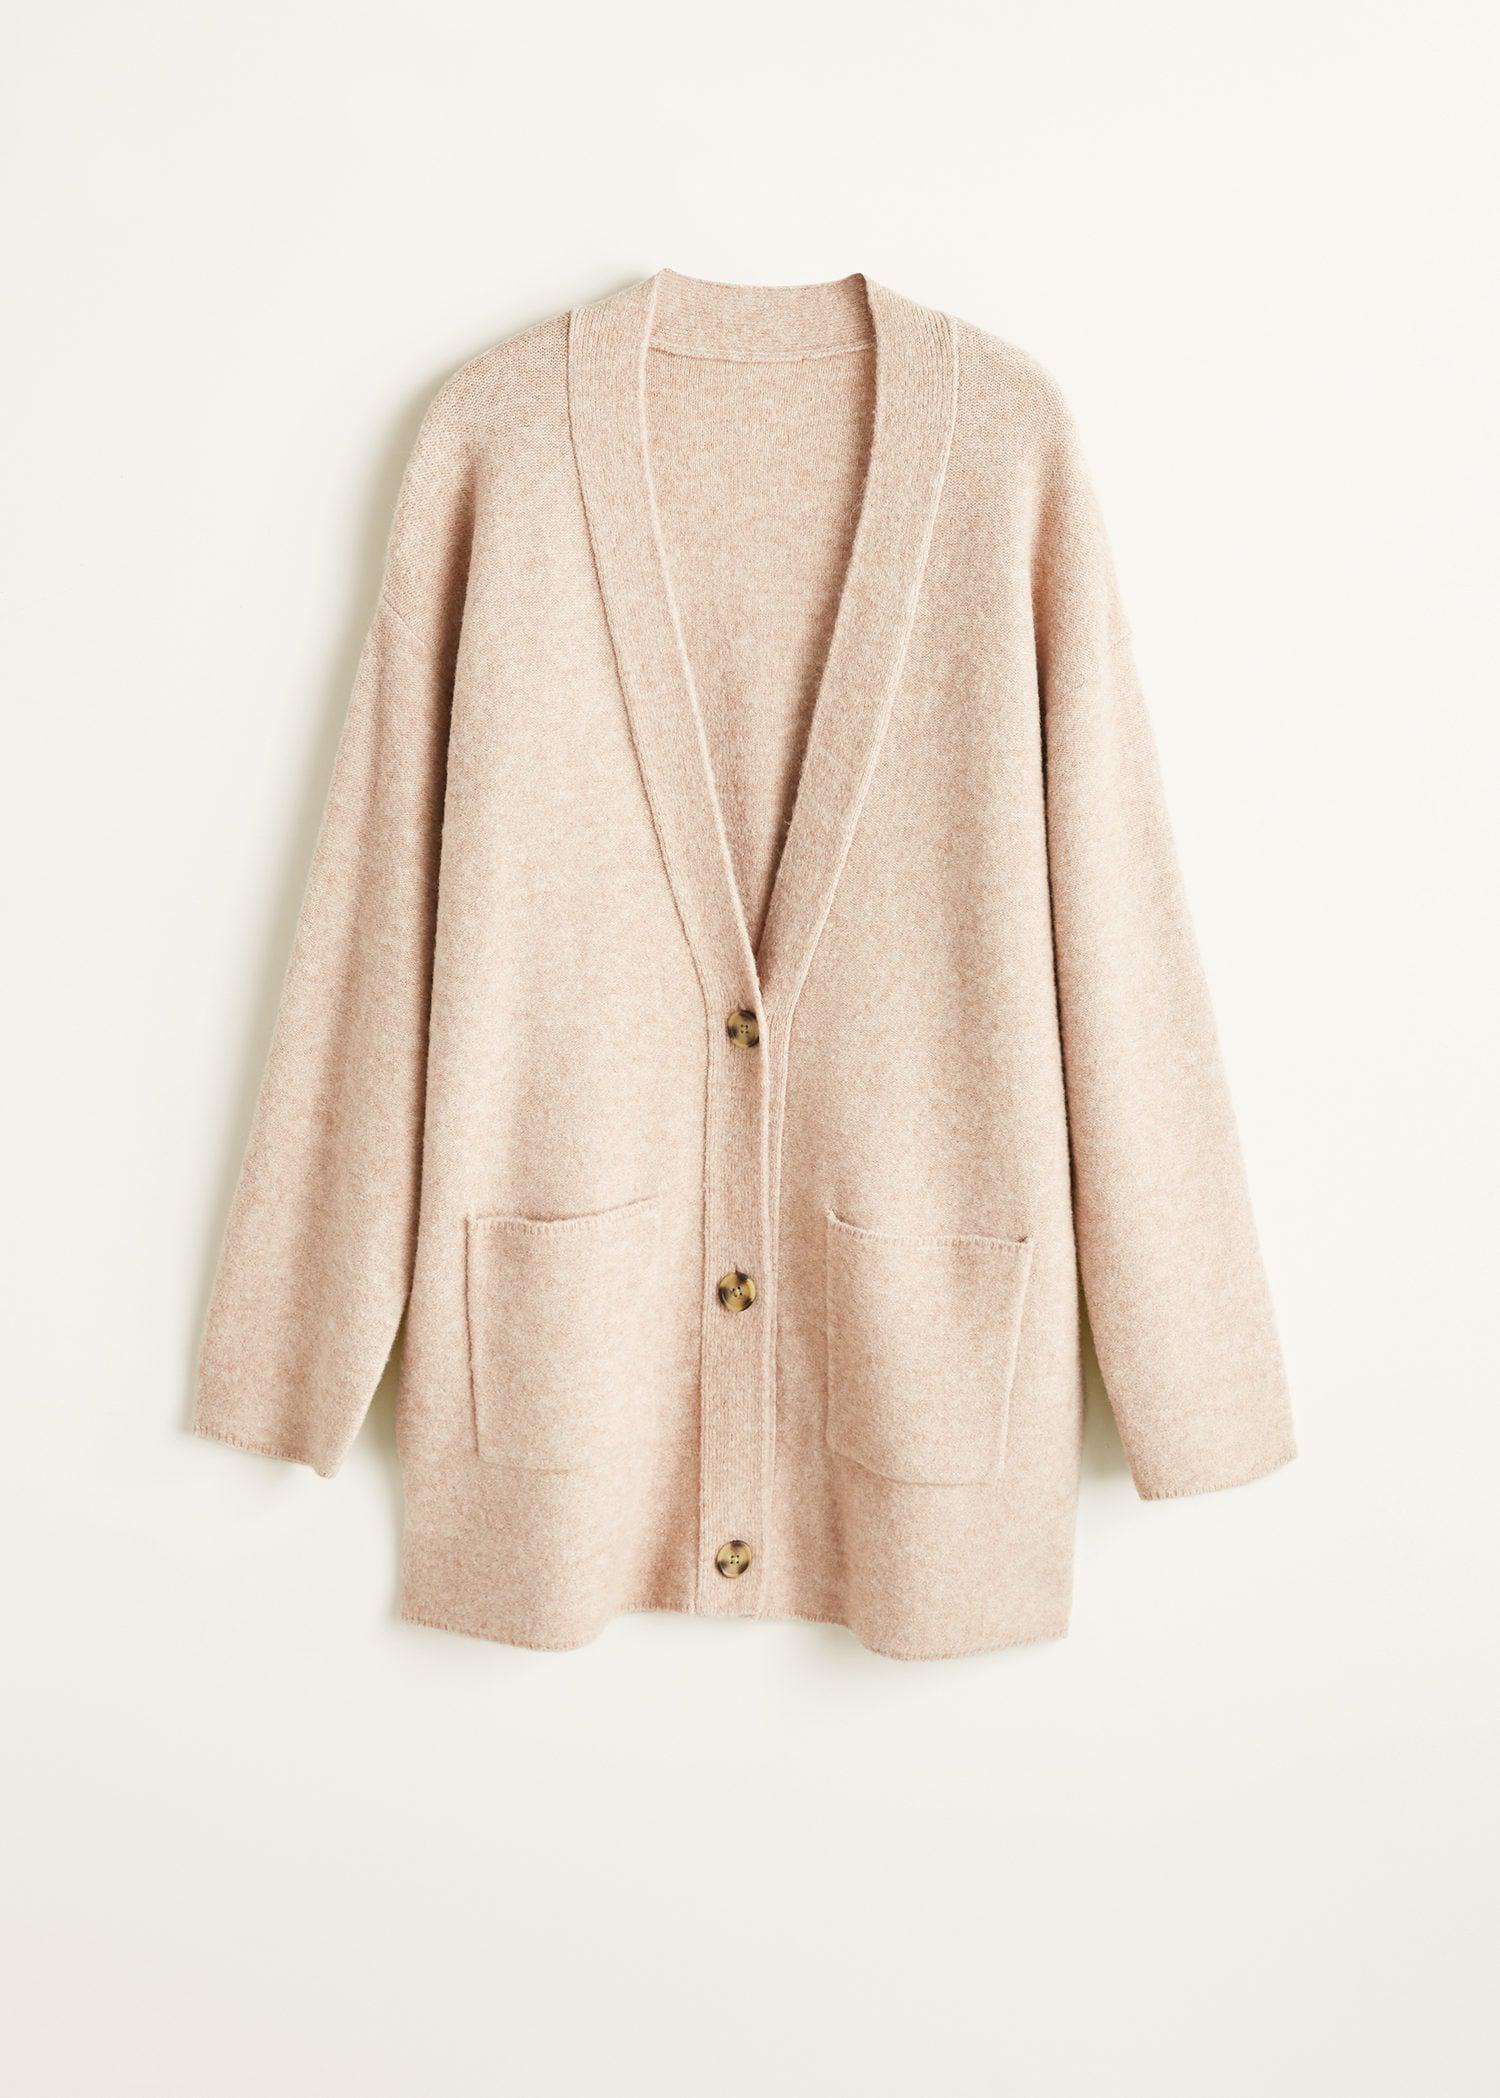 e78b65f9dd45 Mango Long Wool-blend Cardigan in Natural - Lyst